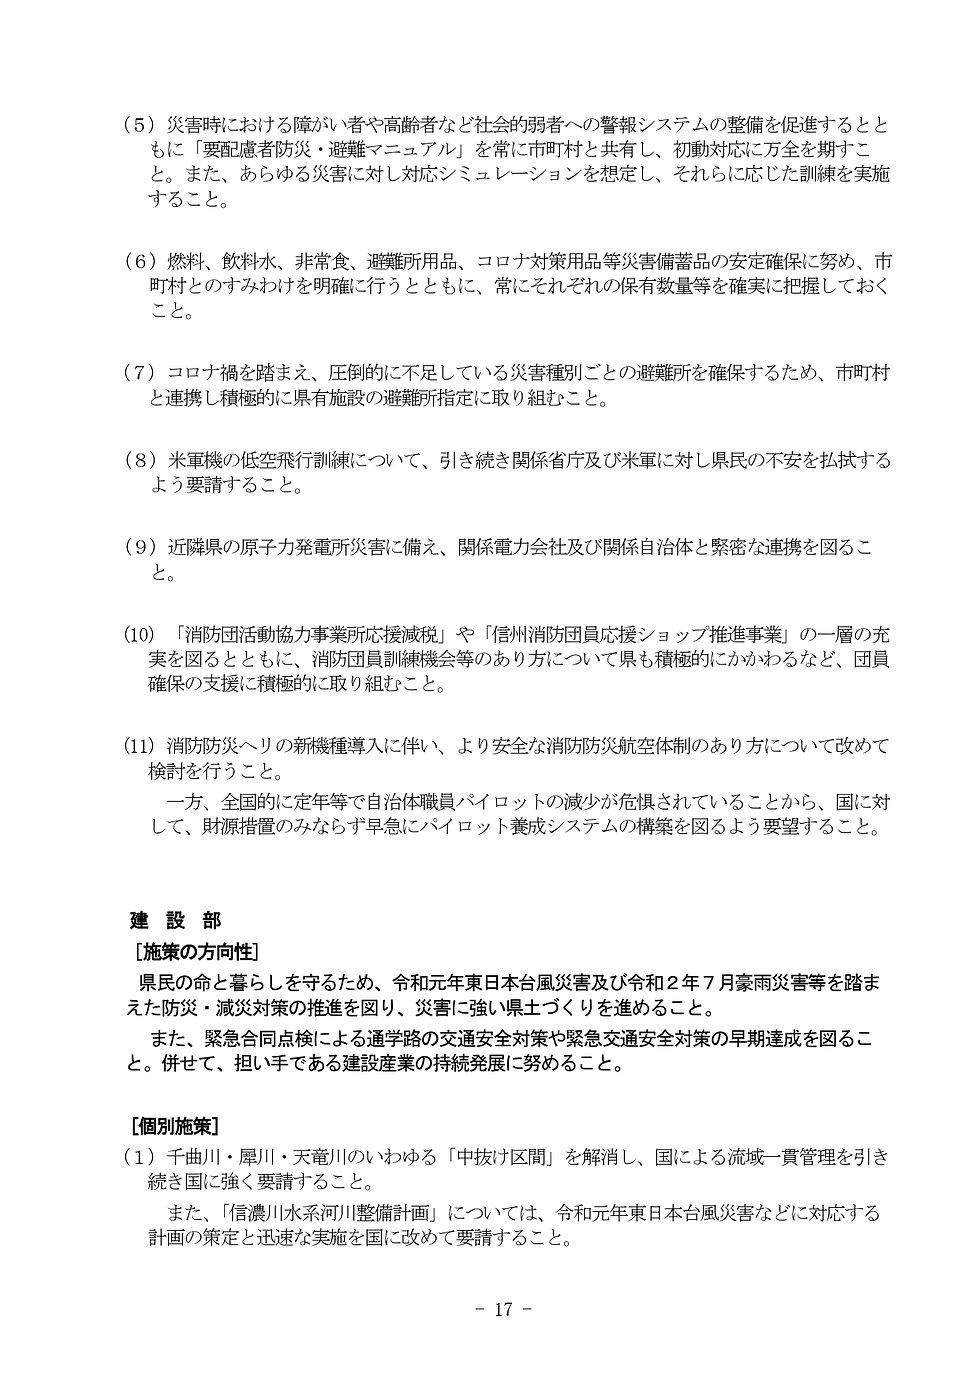 令和3年度予算編成と当面の課題に関する提案書_page-0017.jpg